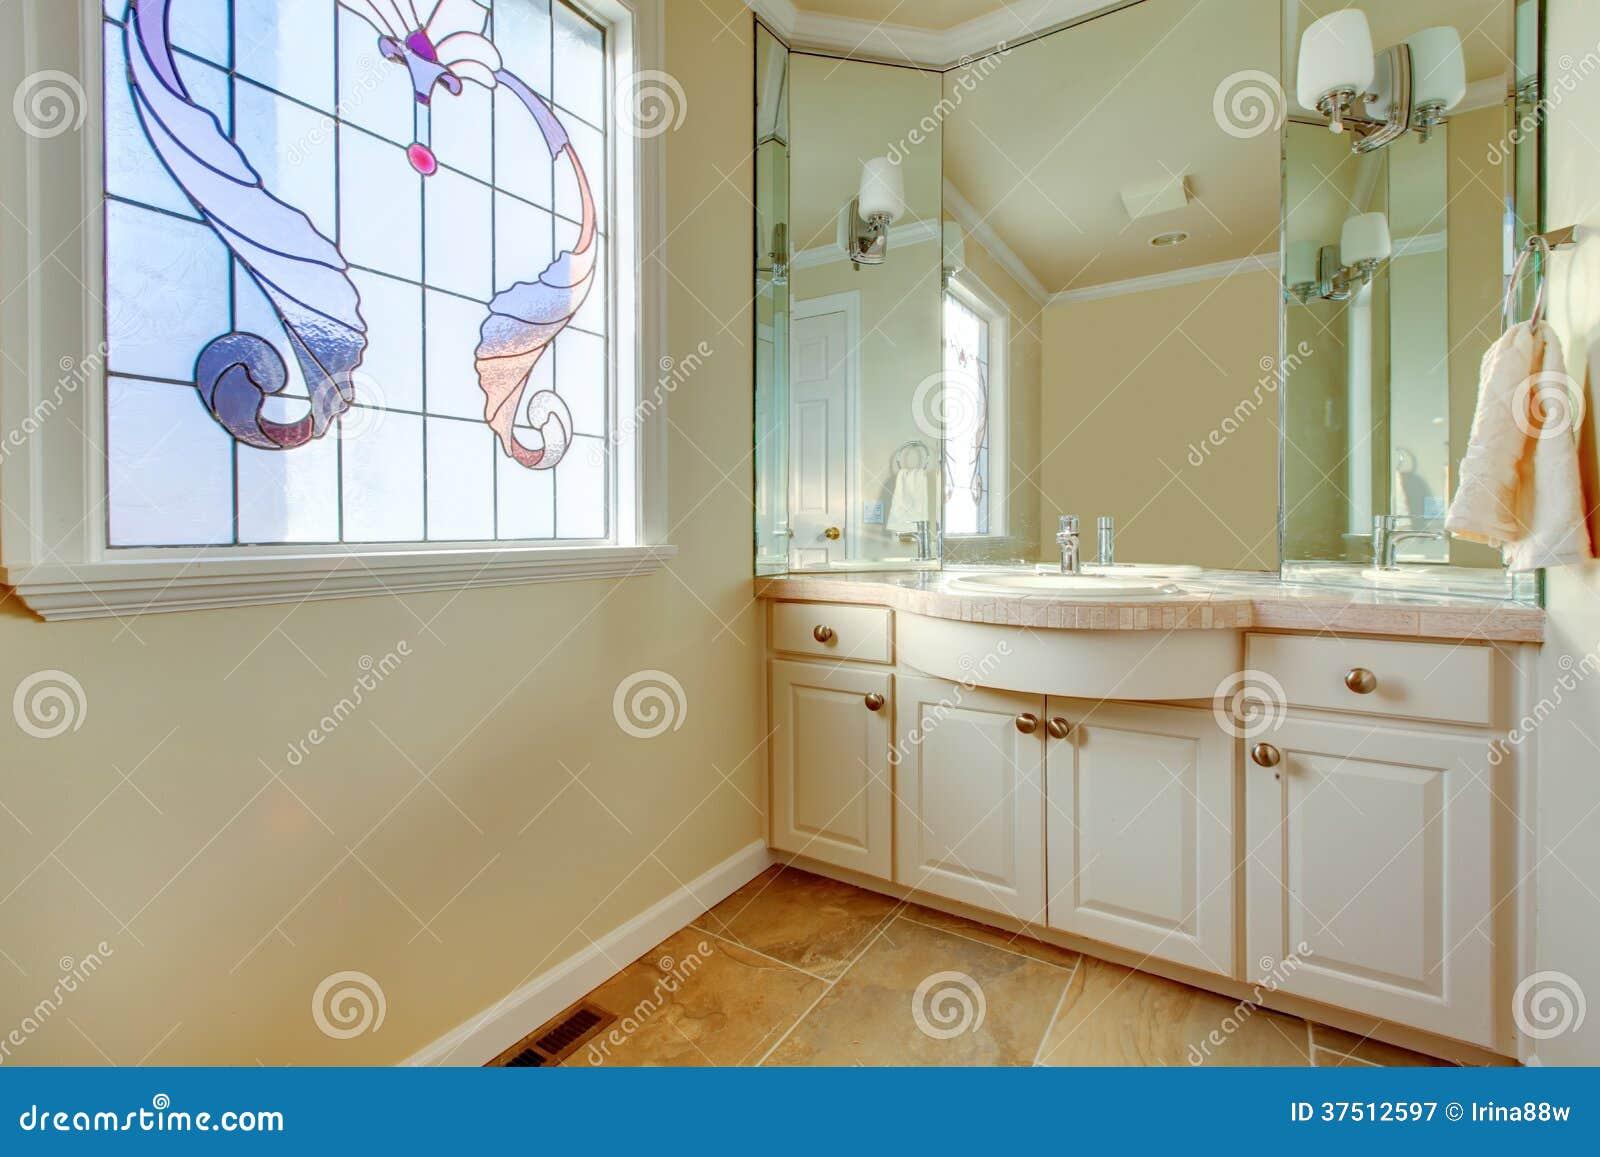 Idee taupe badkamer for Badkamer idee